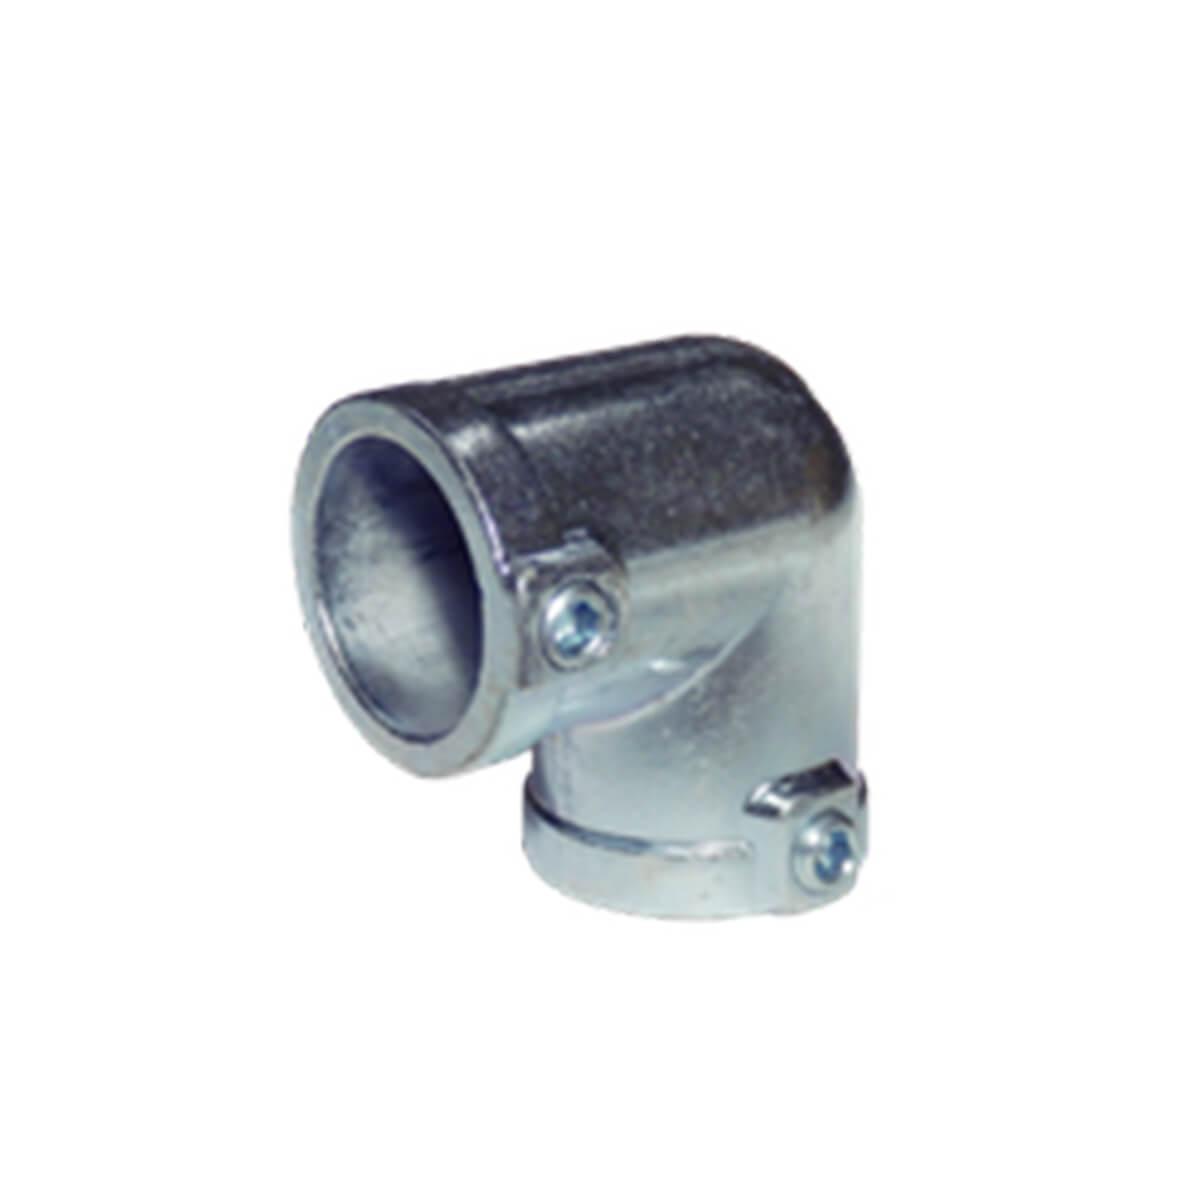 パイプクランパー L型 シルバー Φ25.4 DIY-ID